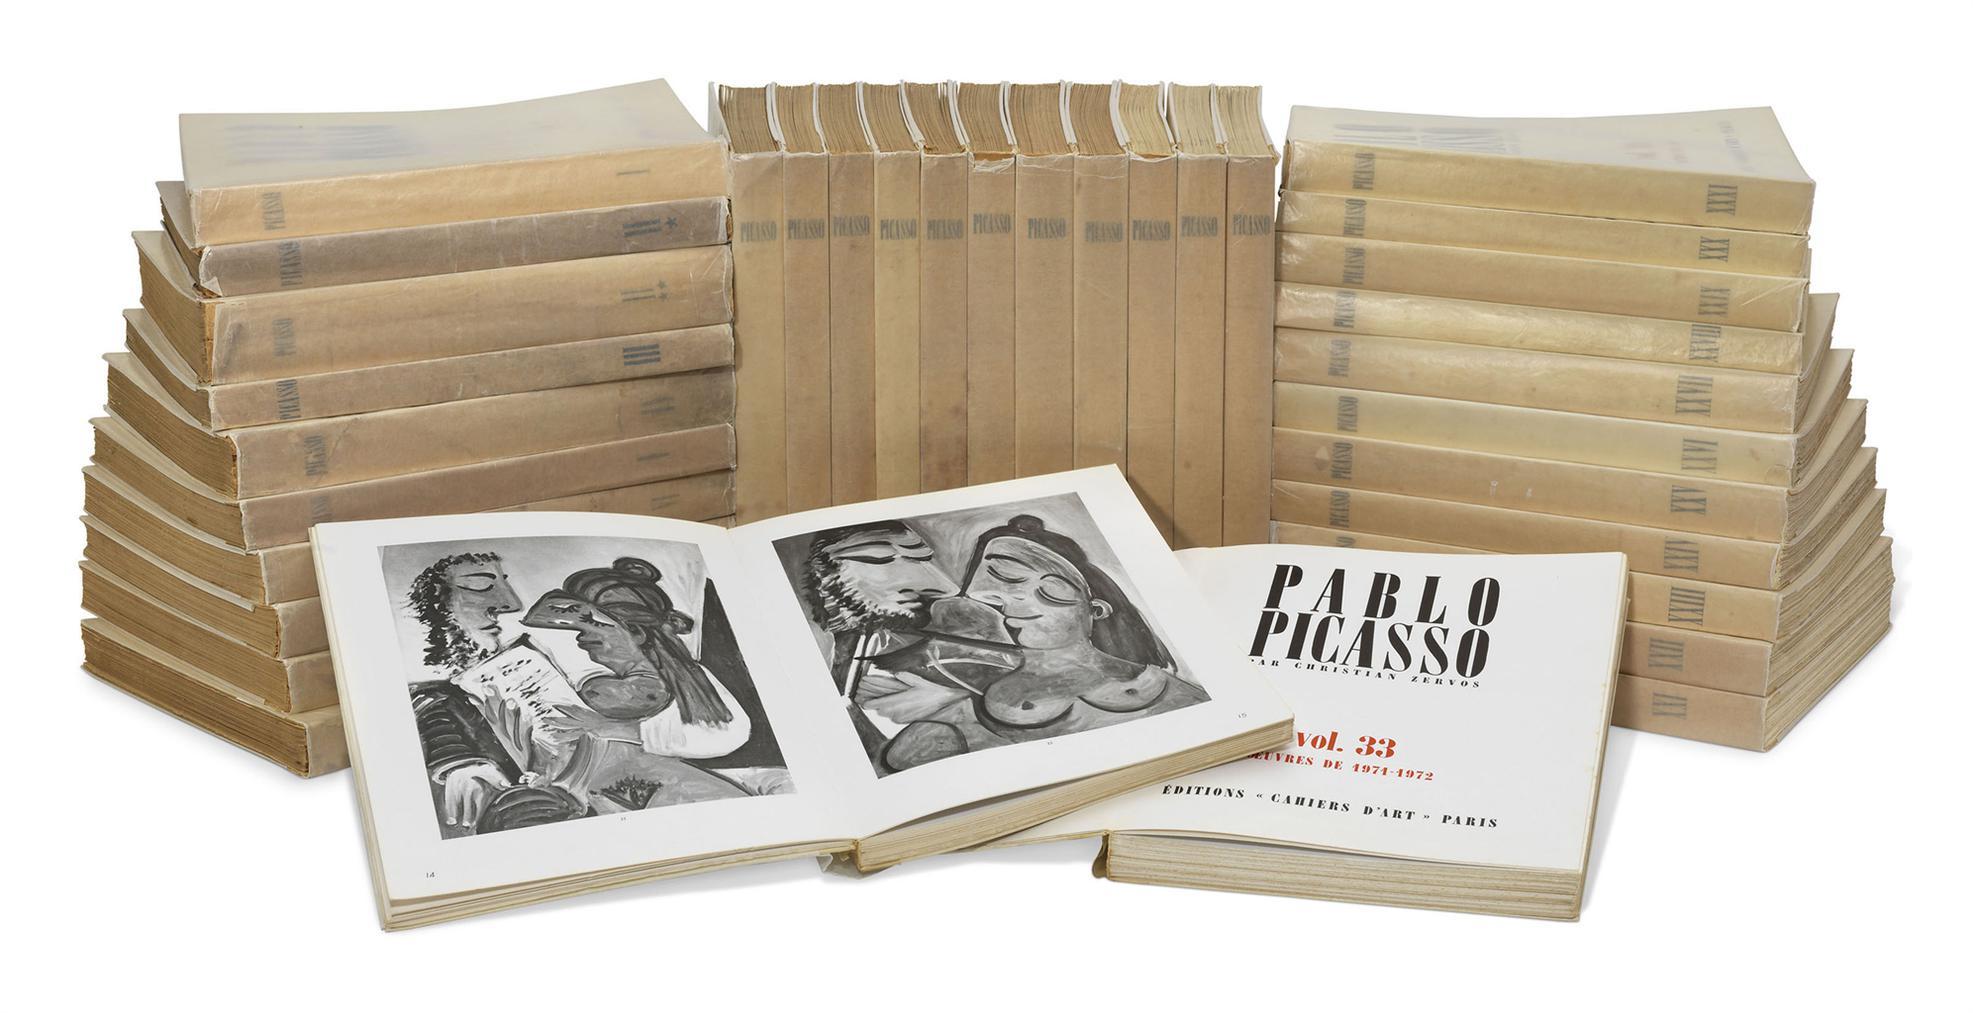 Christian Zervos - Pablo Picasso 1895-1973, Catalogue Raisonne. Paris: Editions Cahiers Dart, 1957-1978-